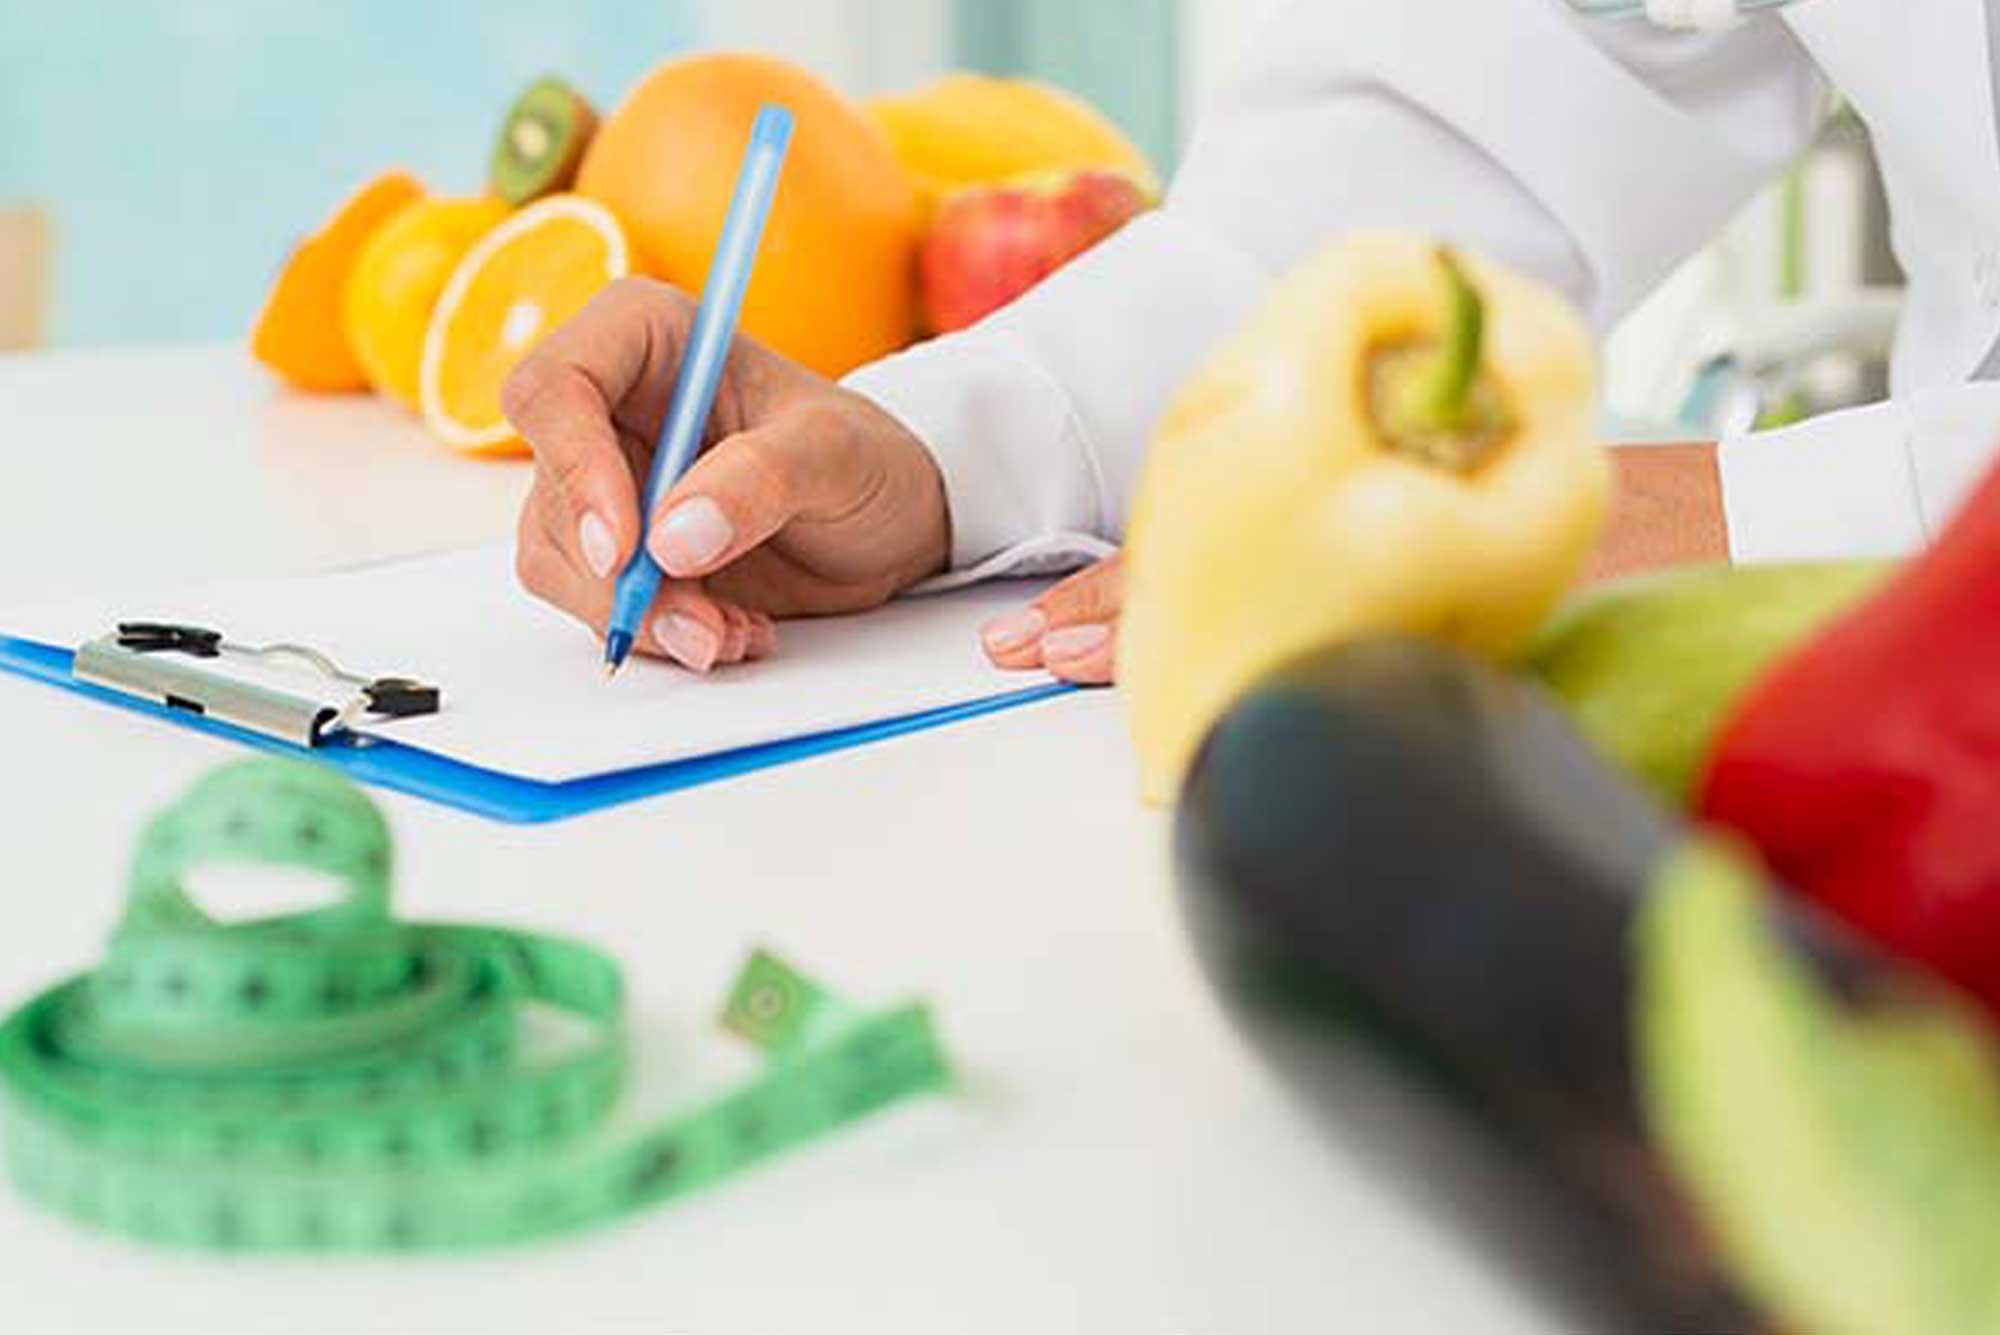 Servicio de nutrición. Origen, diagnóstico y traumatología